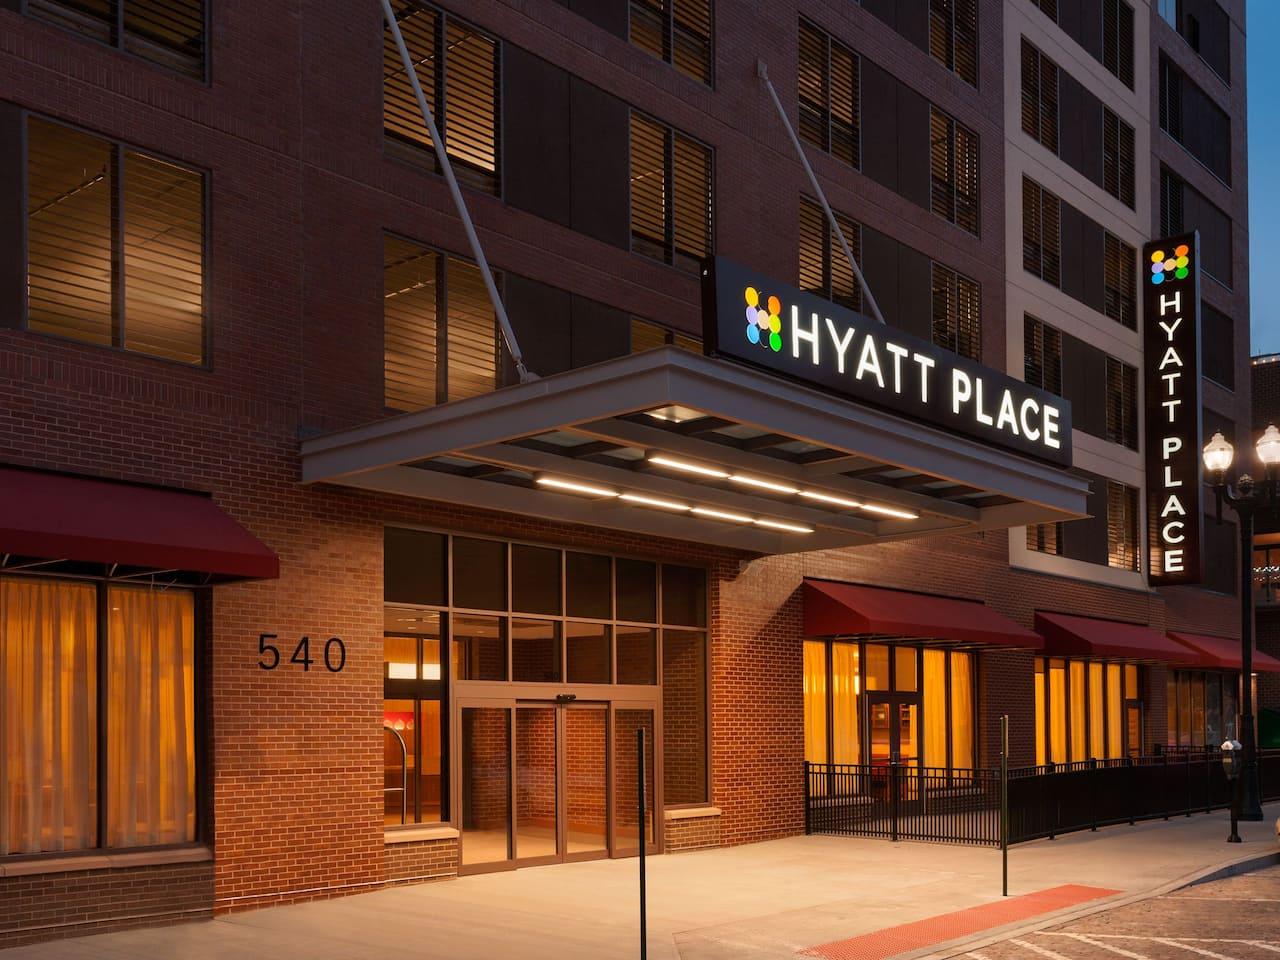 hyatt hotel exterior shot